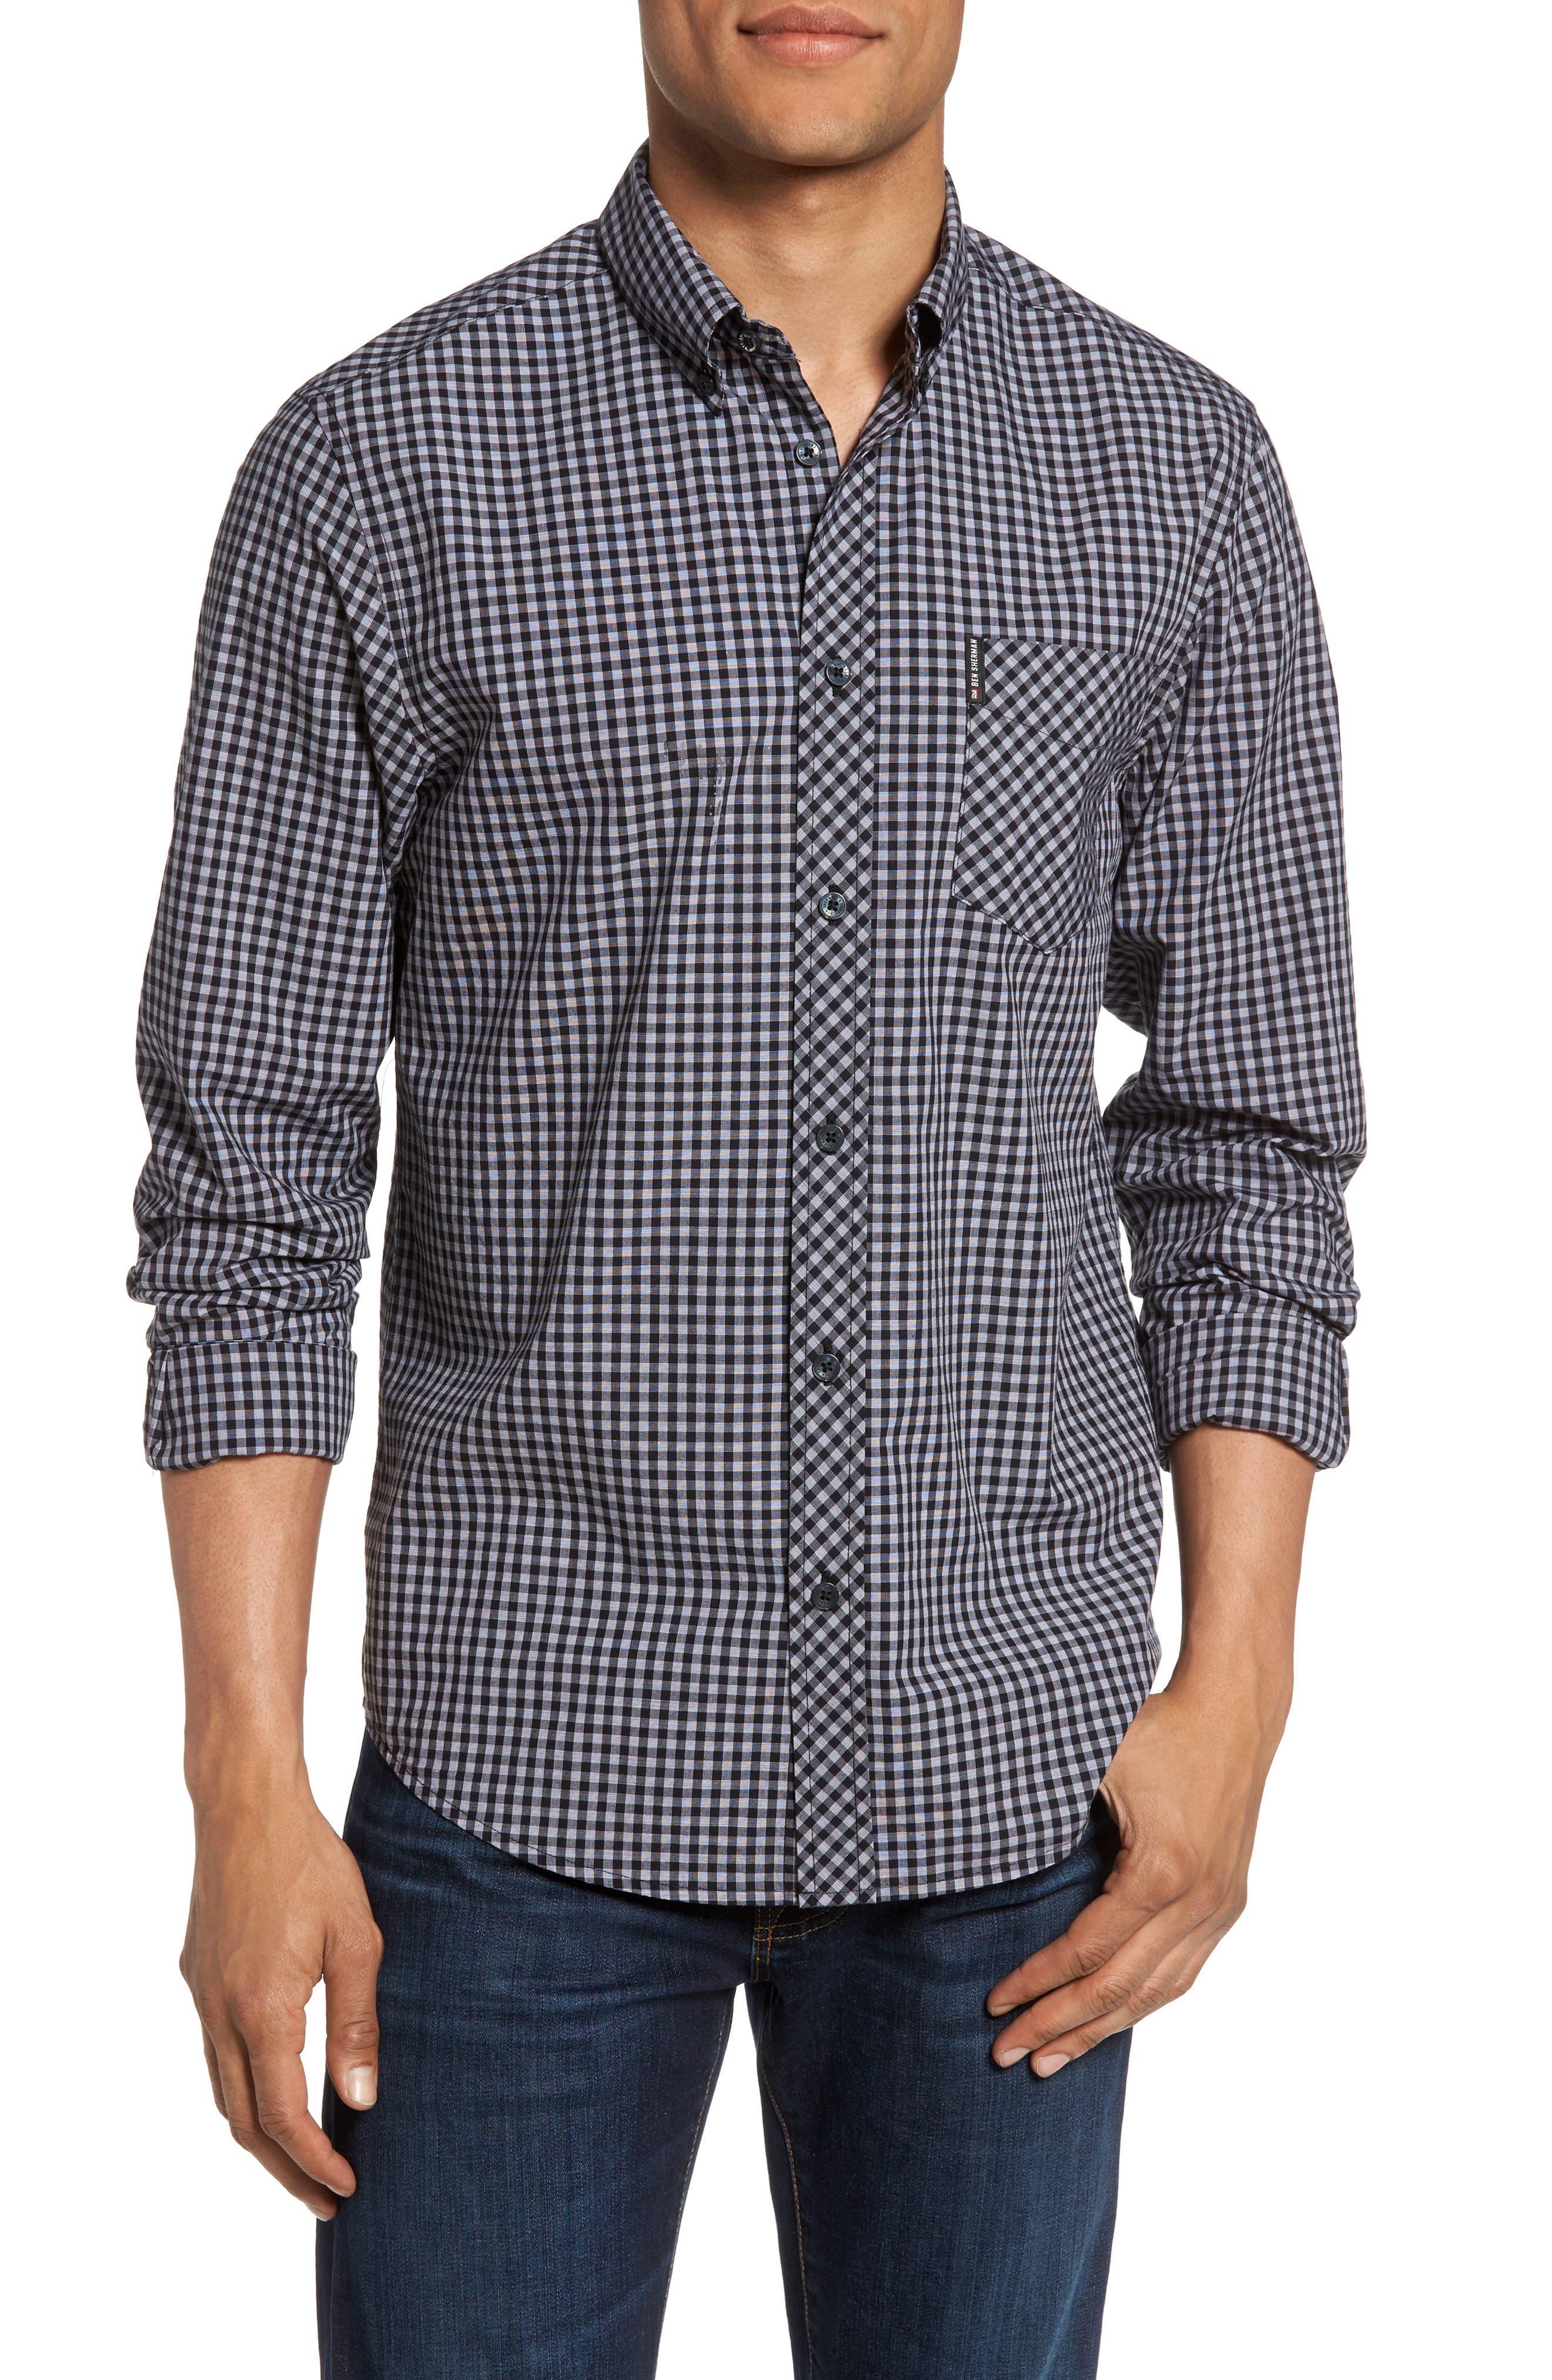 Image of Ben Sherman Slim Fit Gingham Shirt